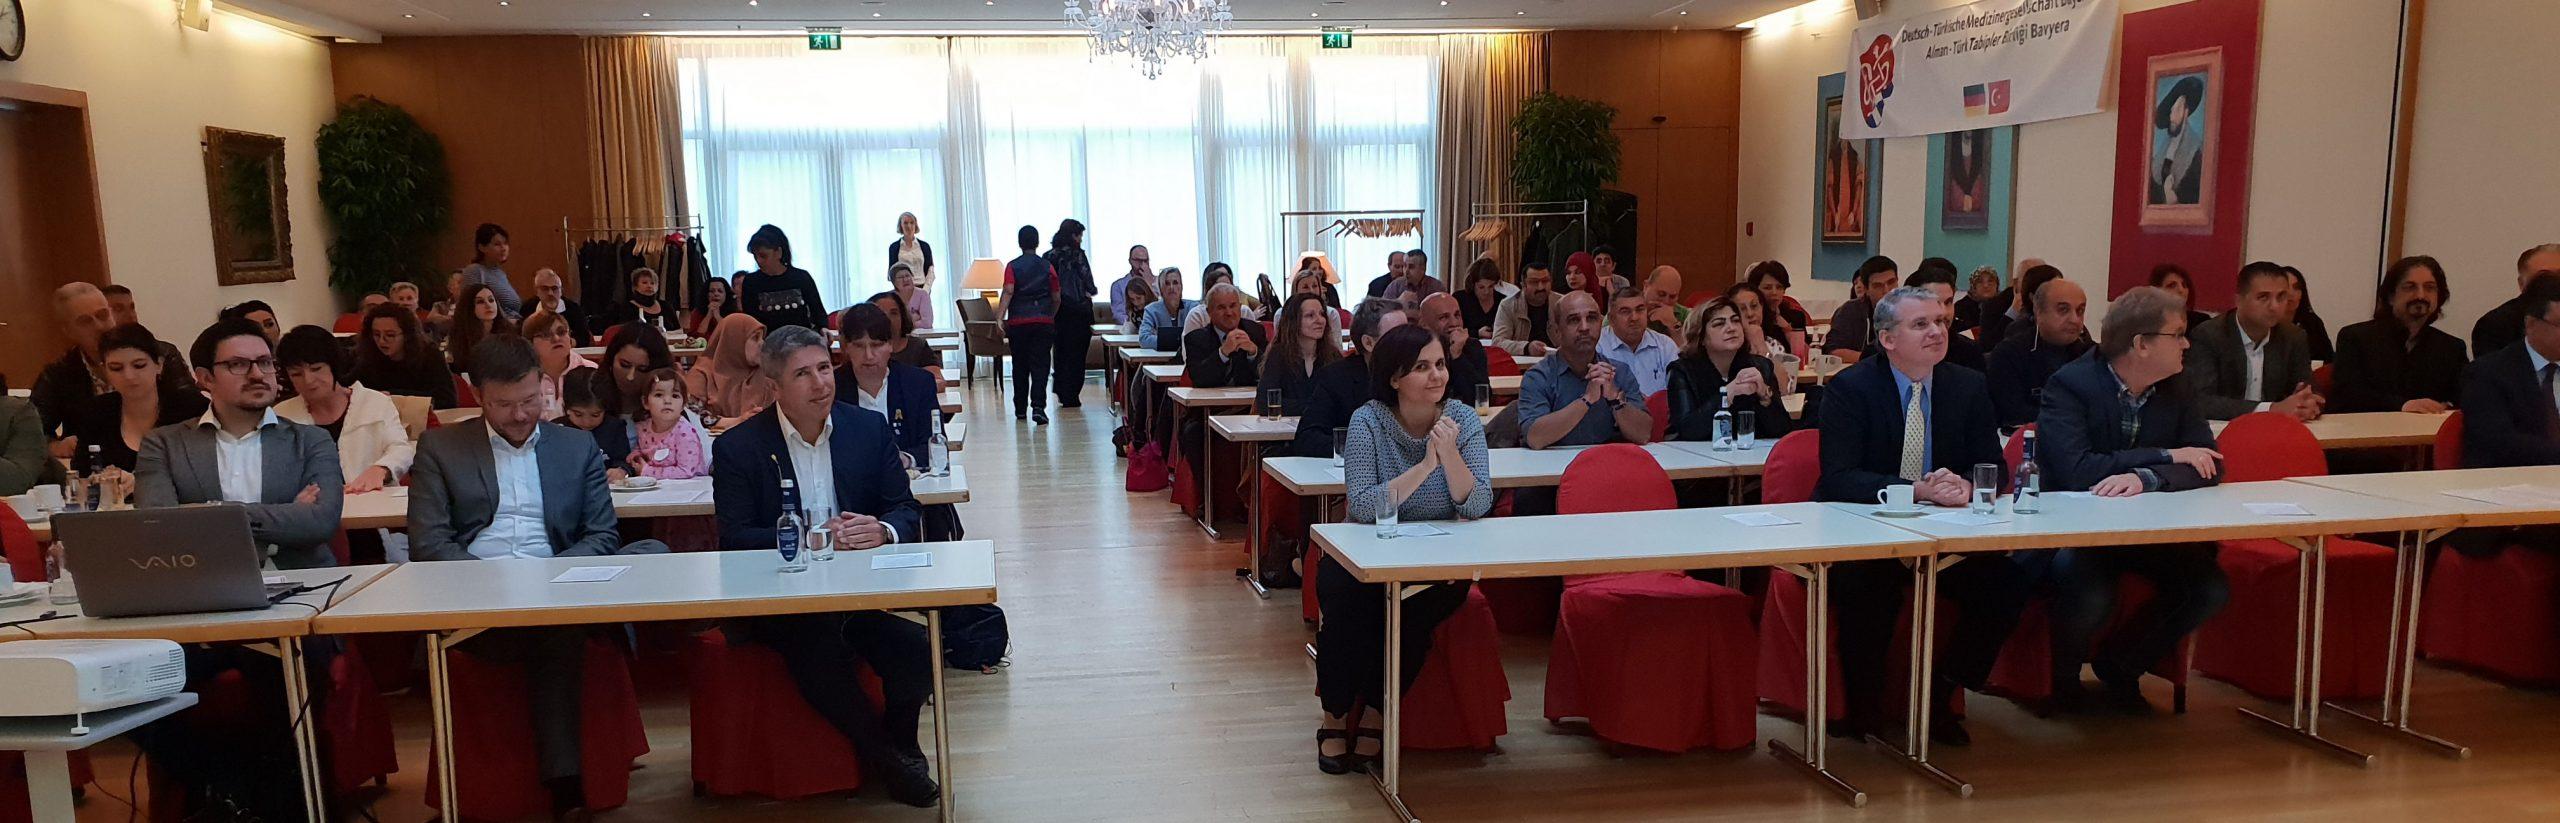 Nürnberg'de sağlık semineri